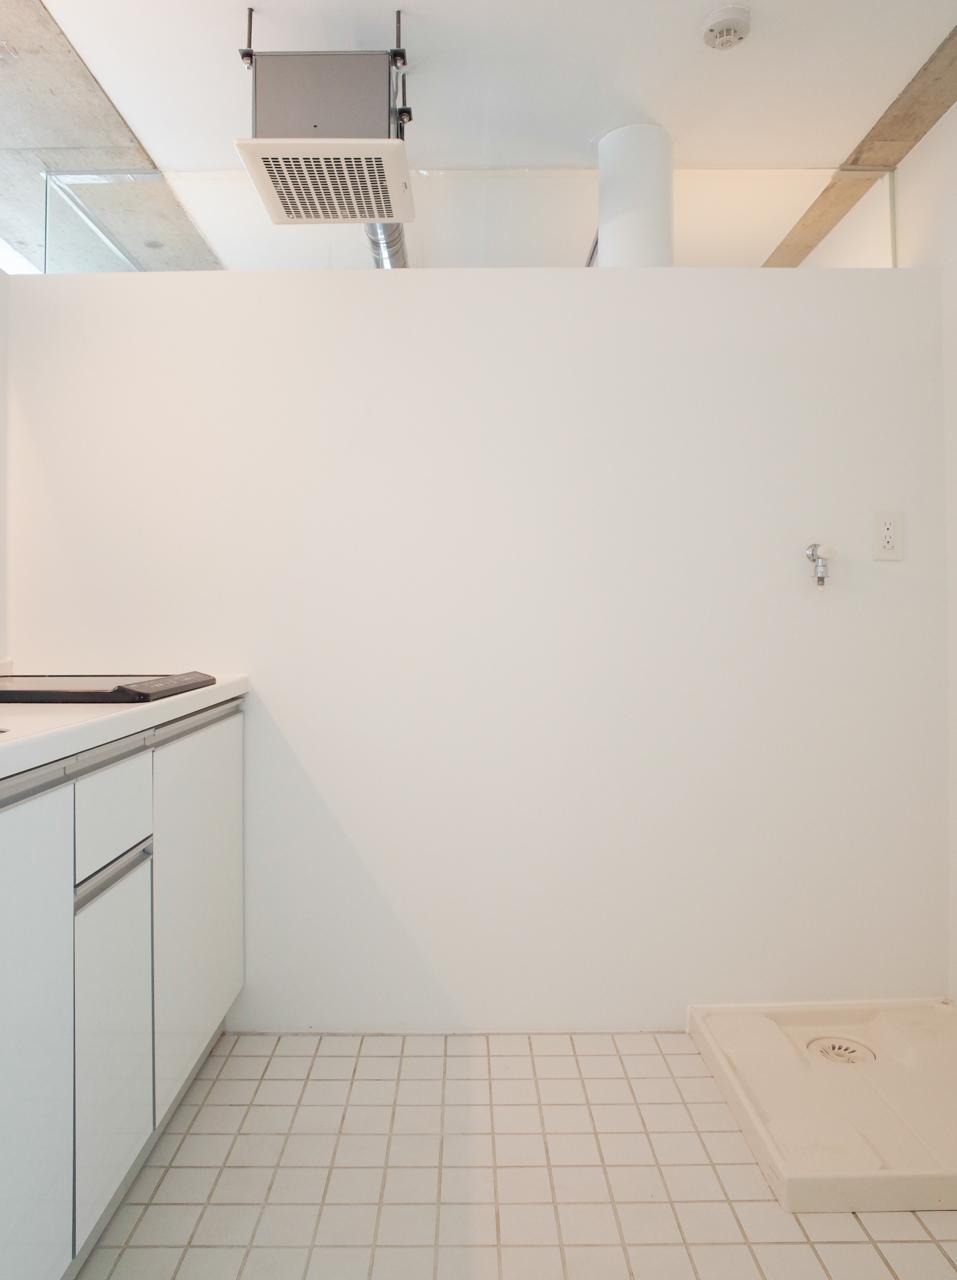 キッチンの床はタイル。上部が空いていてつながっている感じが少し開放的